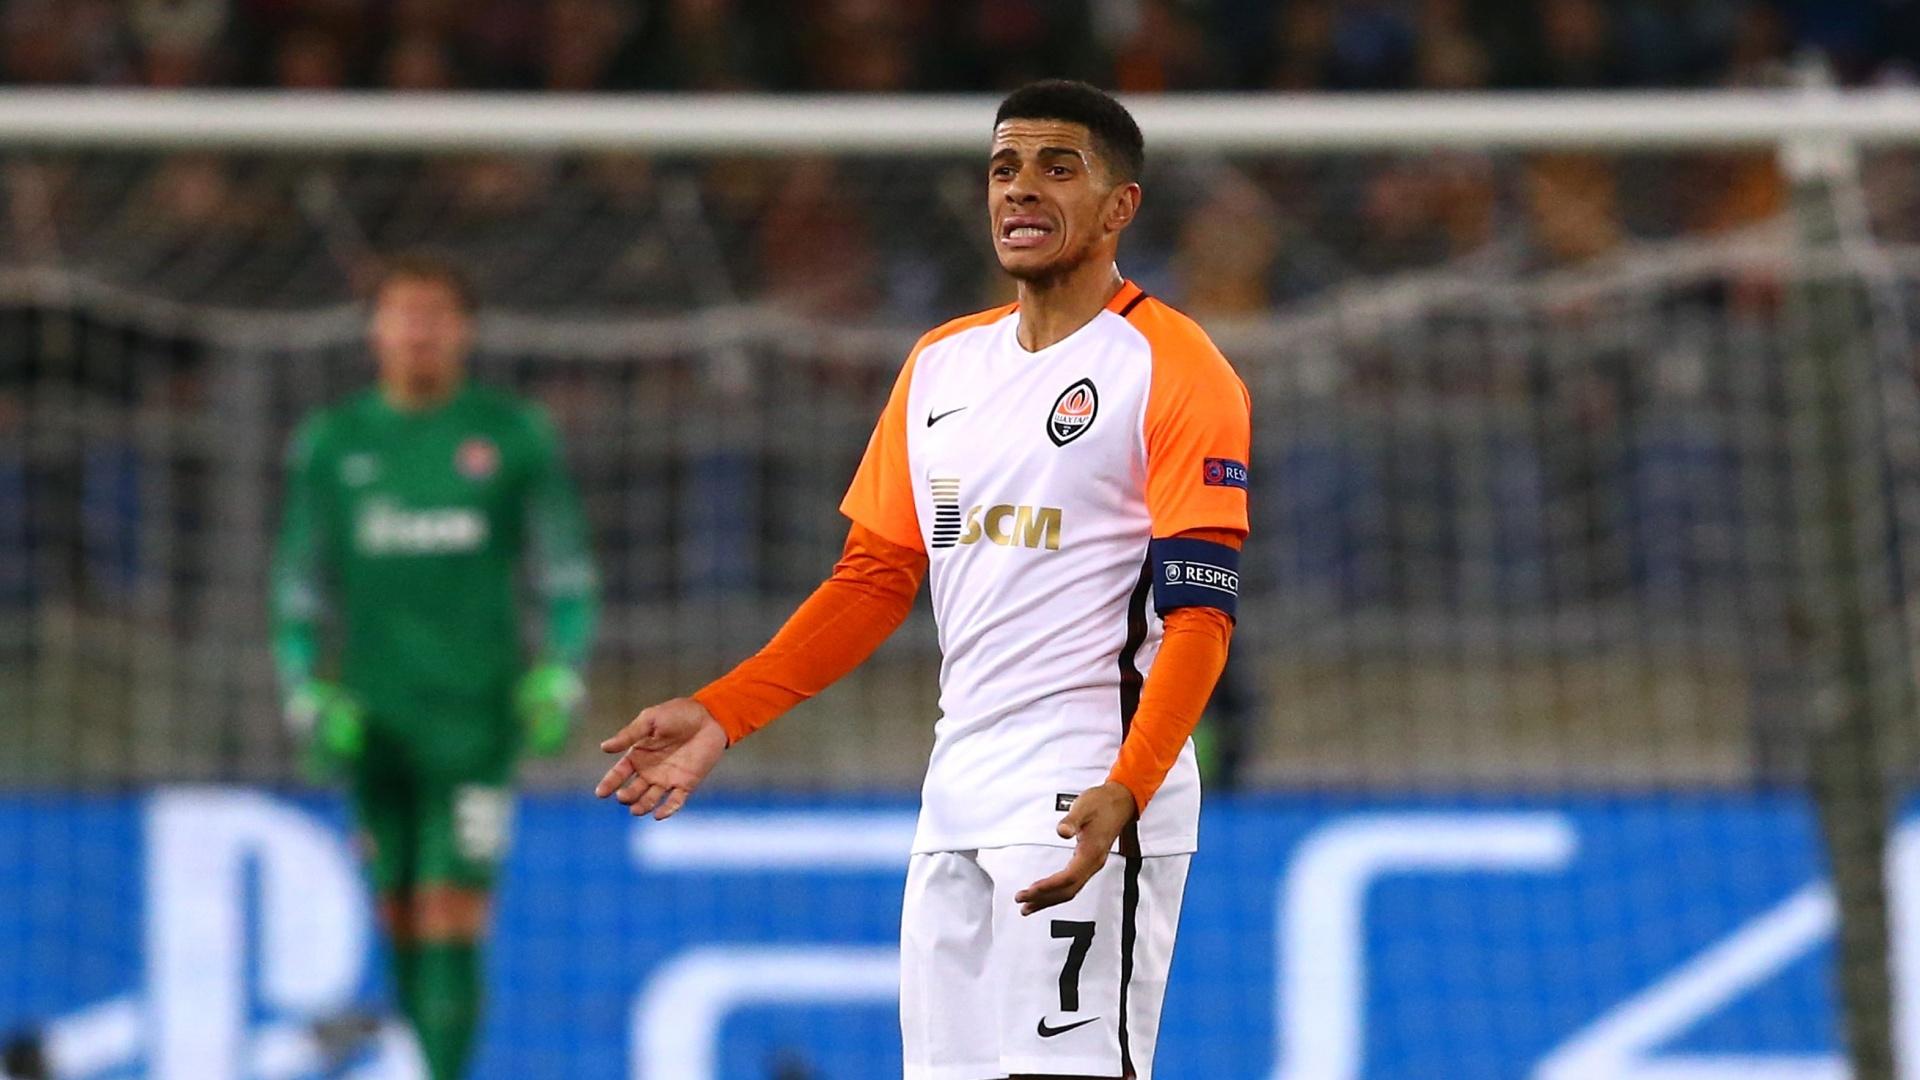 O atacante Taison durante o jogo entre Roma e Shakhtar Donetsk pela Liga dos Campeões